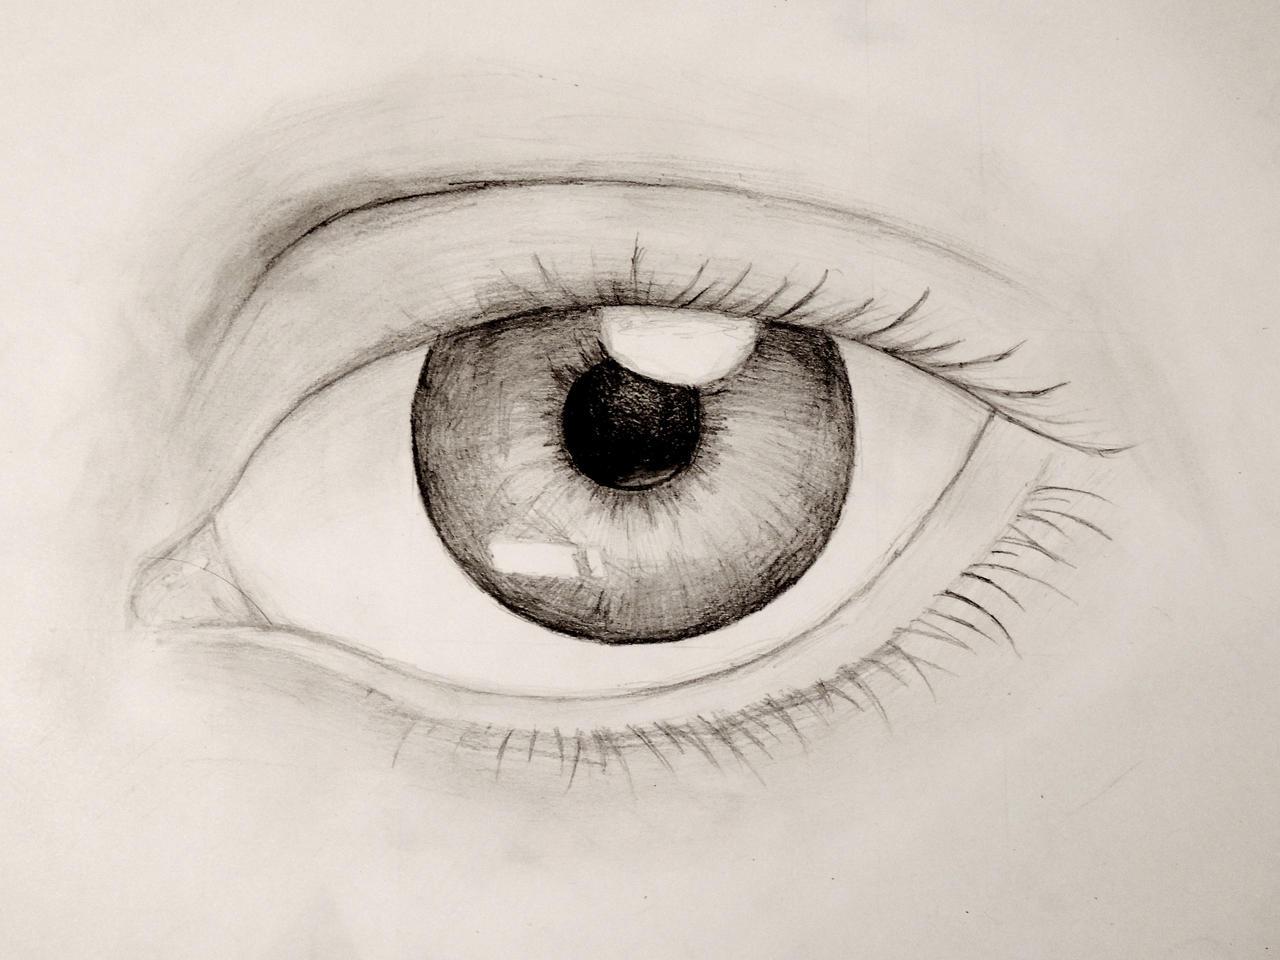 Eye by Eli-riv